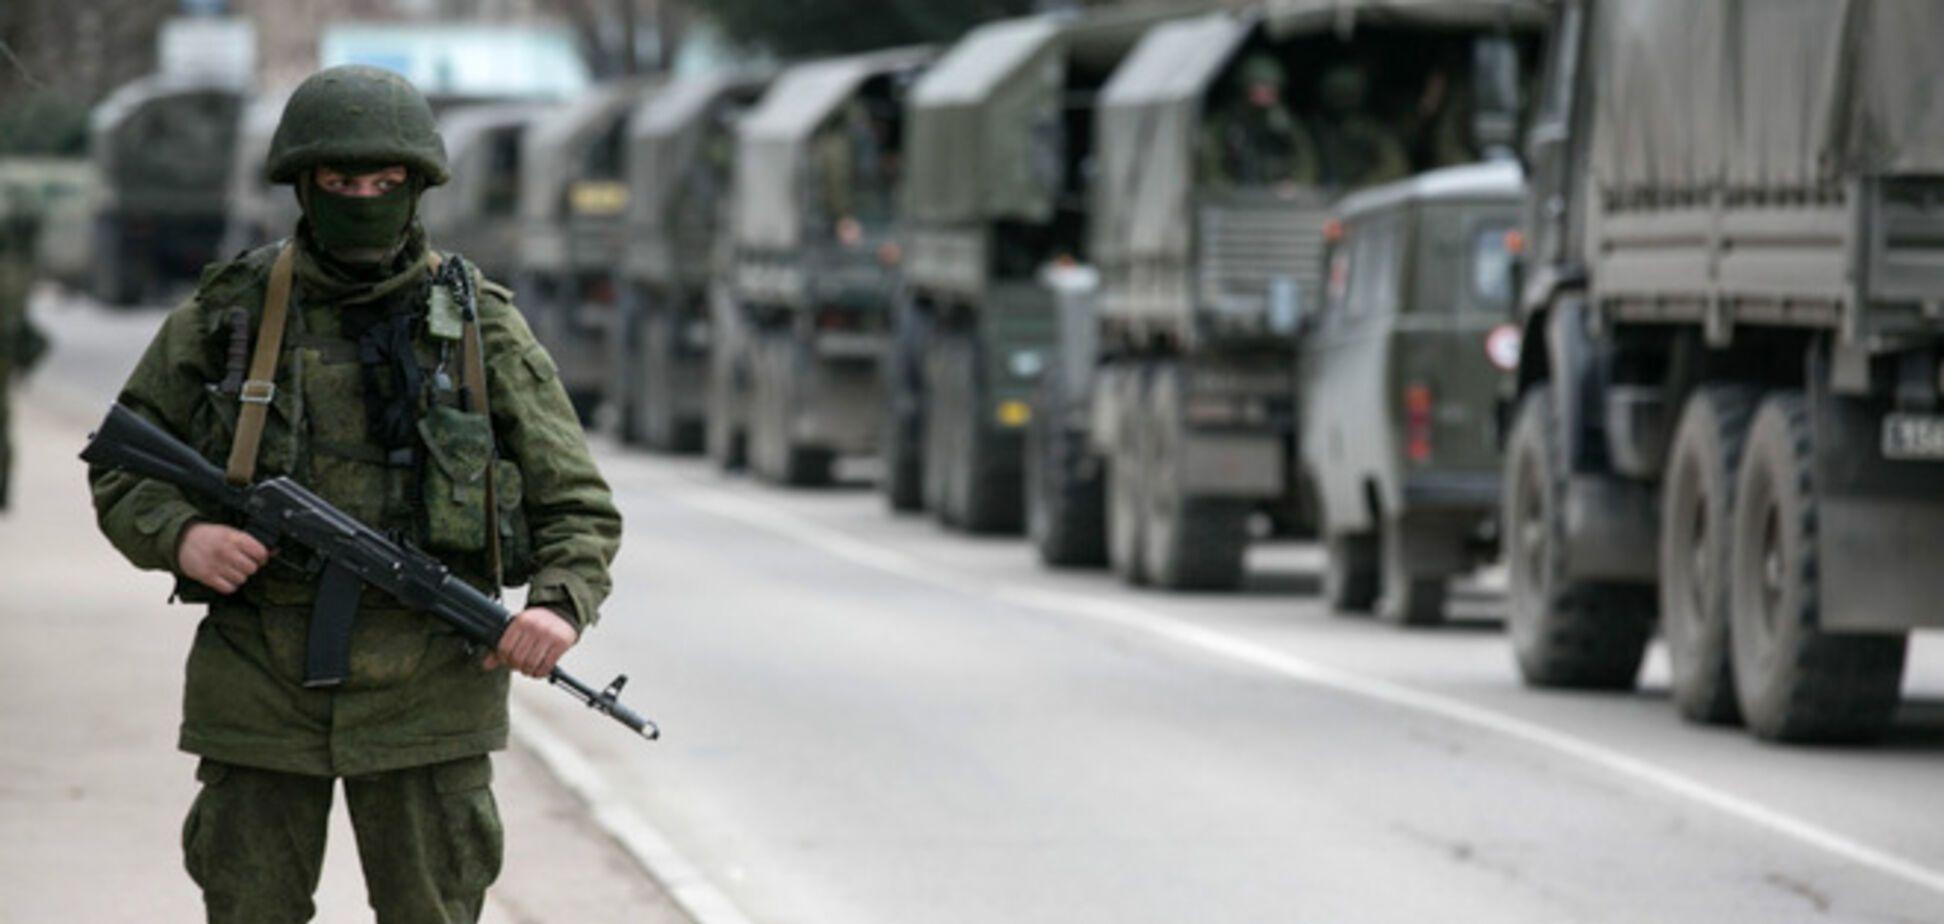 На юго-востоке Украины активизировались российские спецслужбы - советник Порошенко